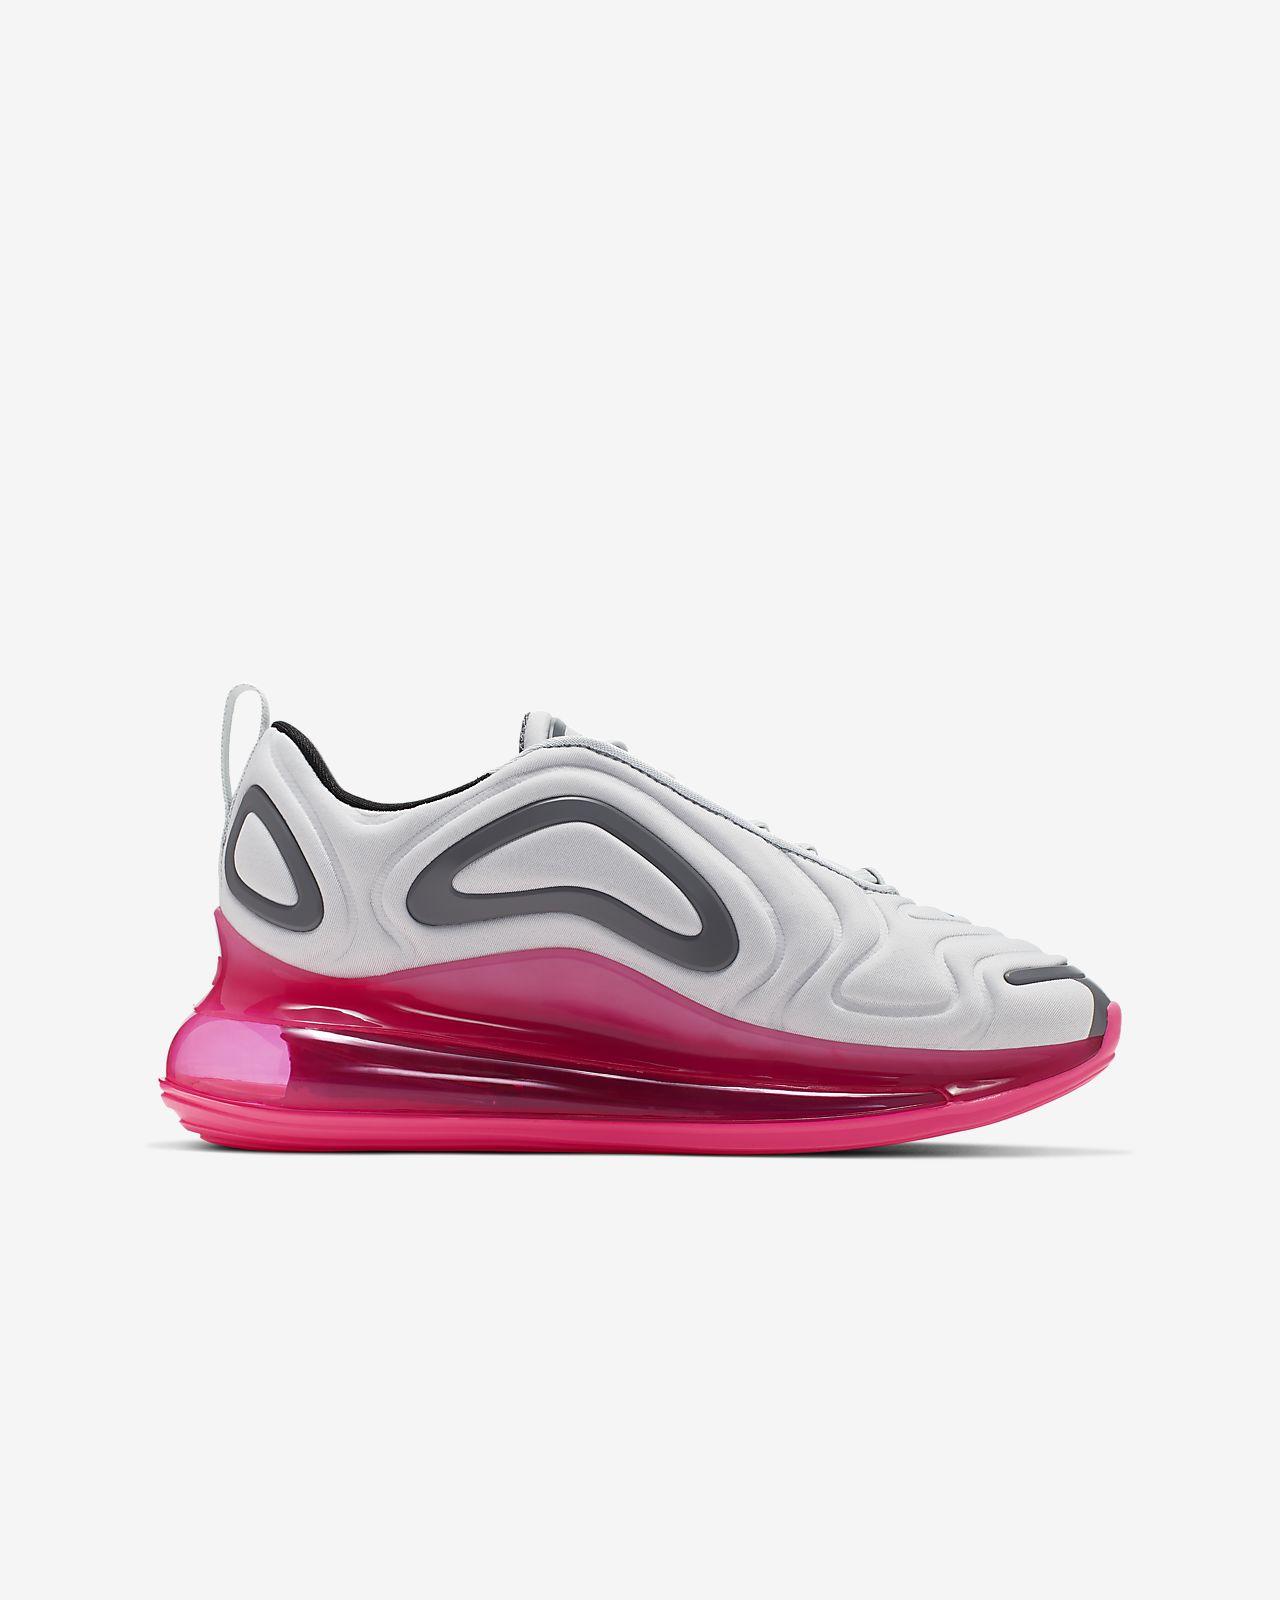 Chaussure Plus Air Pour Nike Change Max Jeune 720 Game Enfantenfant SzpqUMVG